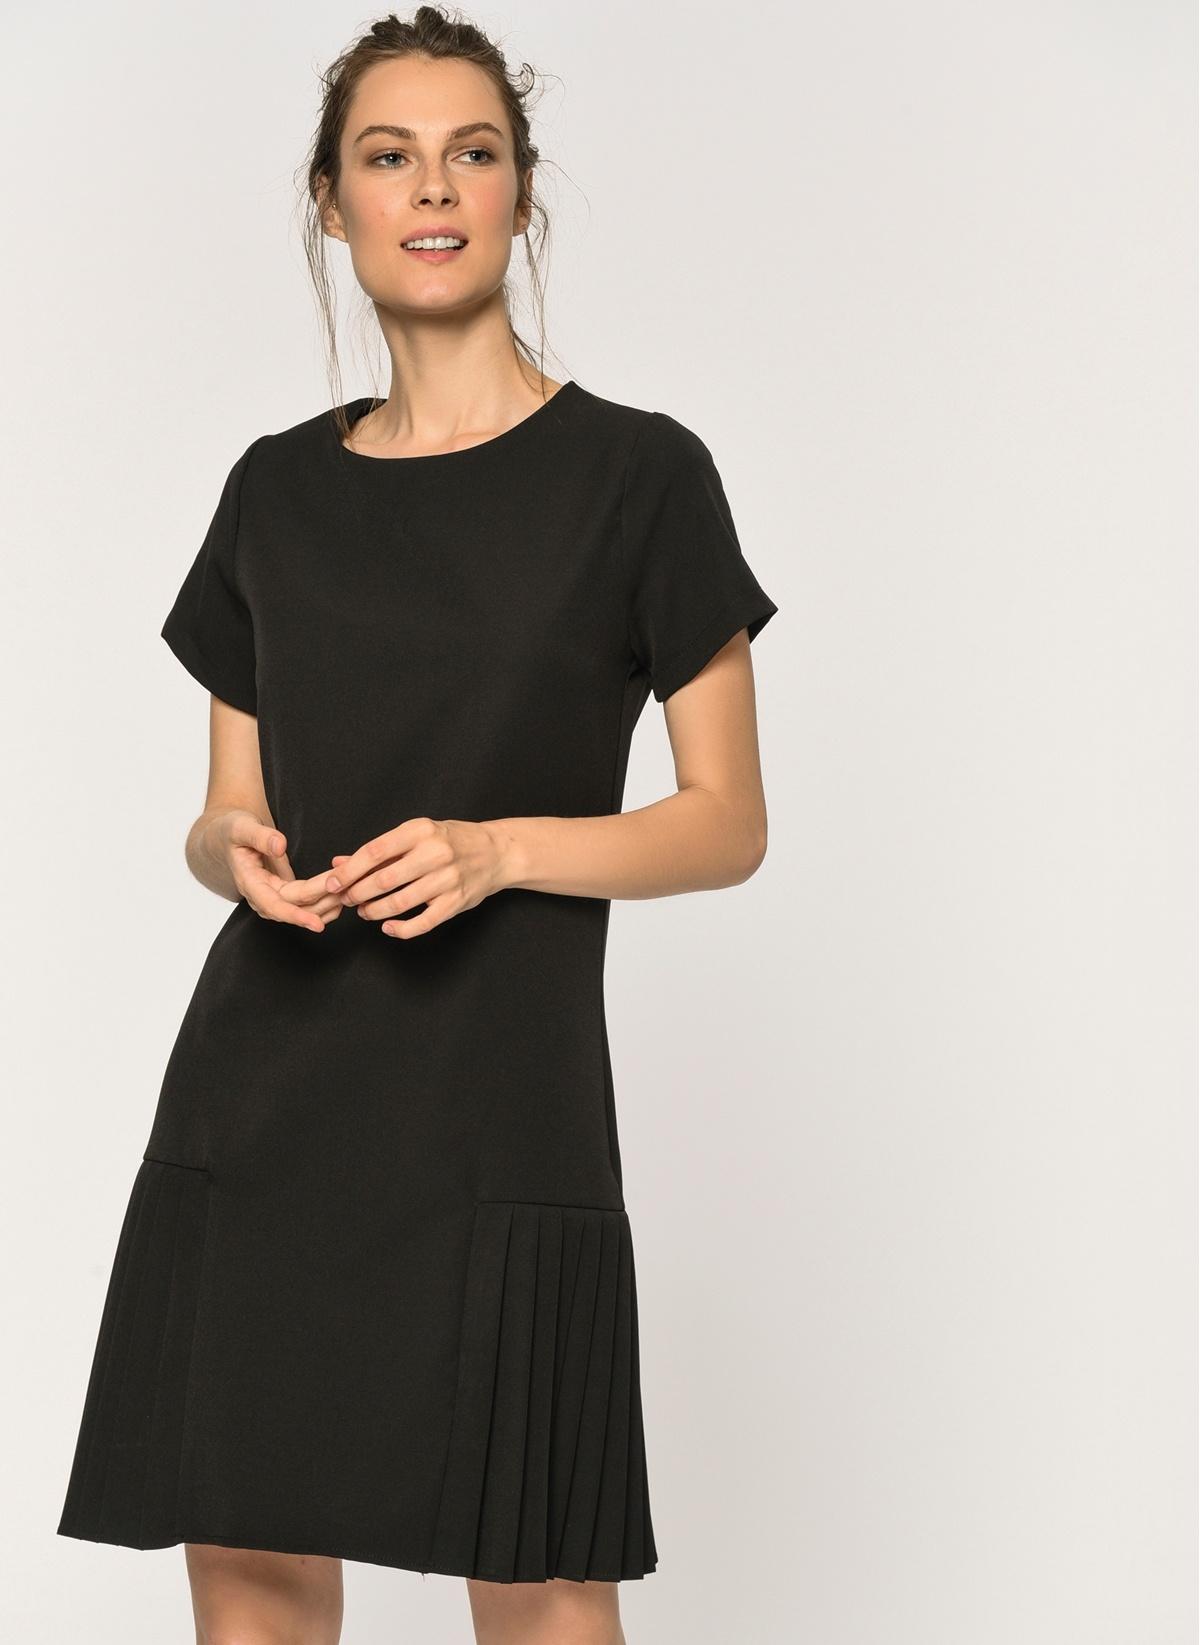 ebfc21e108922 Elbise Siyah Modelleri ve Fiyatları